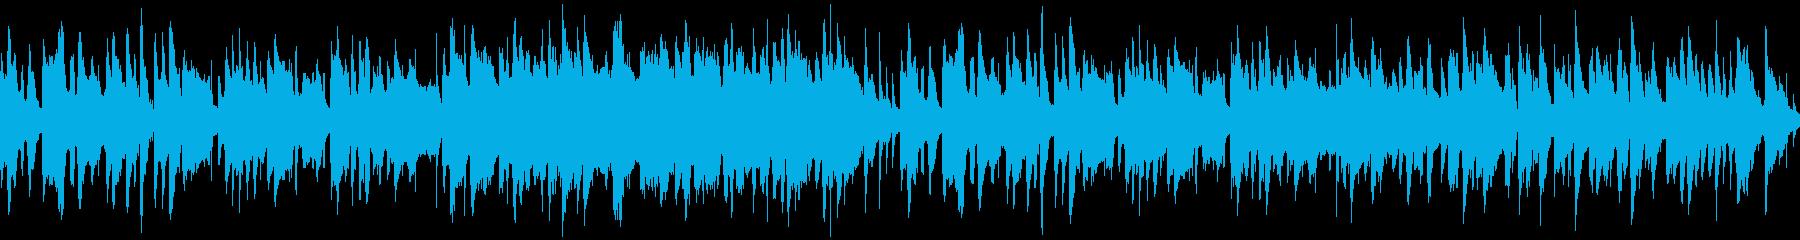 明るい・ゆったり・日常系のジャズブルースの再生済みの波形